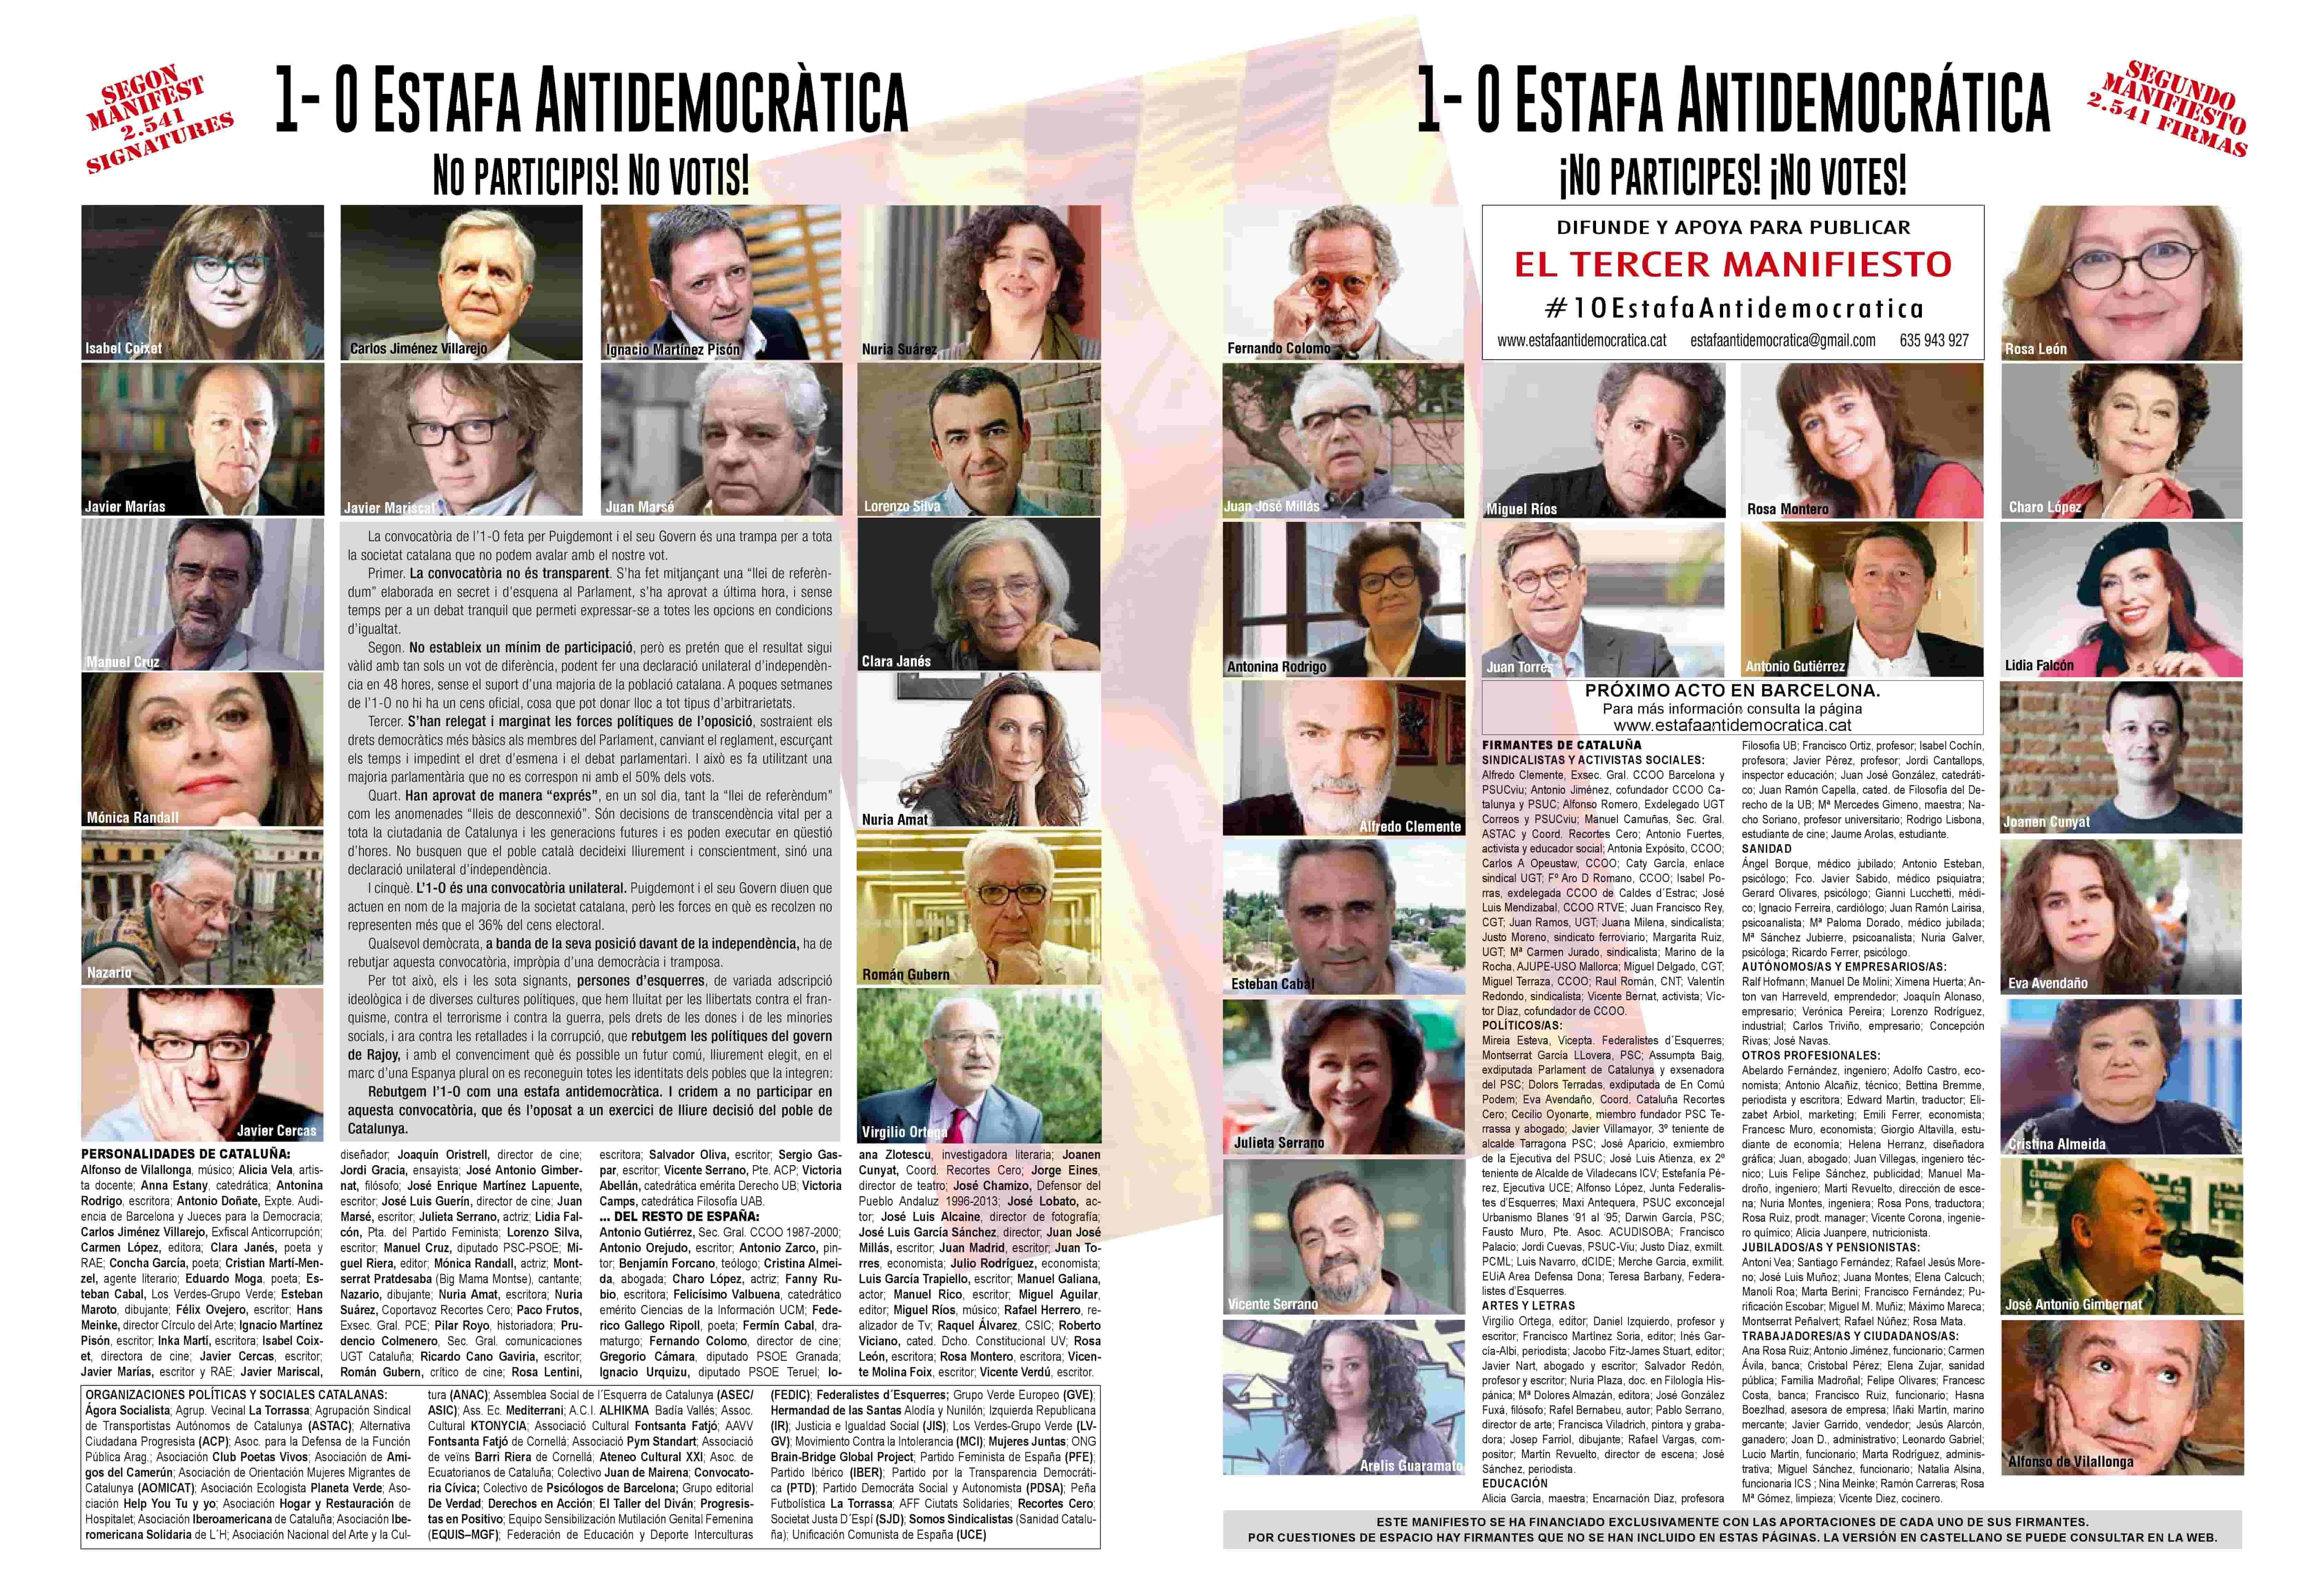 """Se publica el tercer manifiesto  """"1-O Estafa Antidemocrática"""" con más de 4 mil firmantes"""